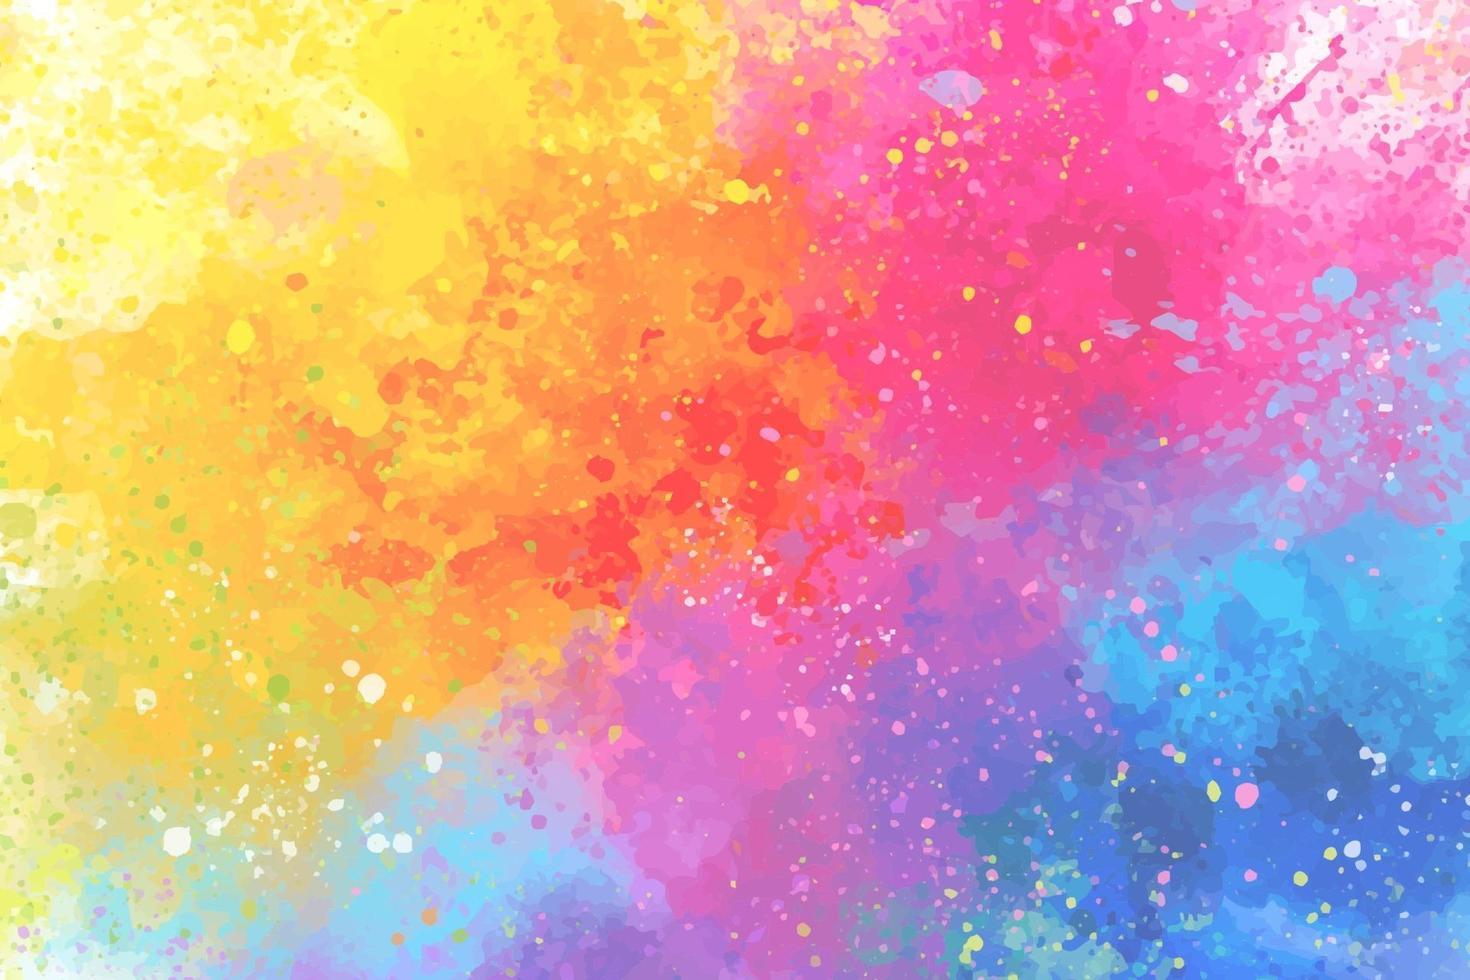 konstnärliga regnbågefärger stänk akvarell bakgrund vektor